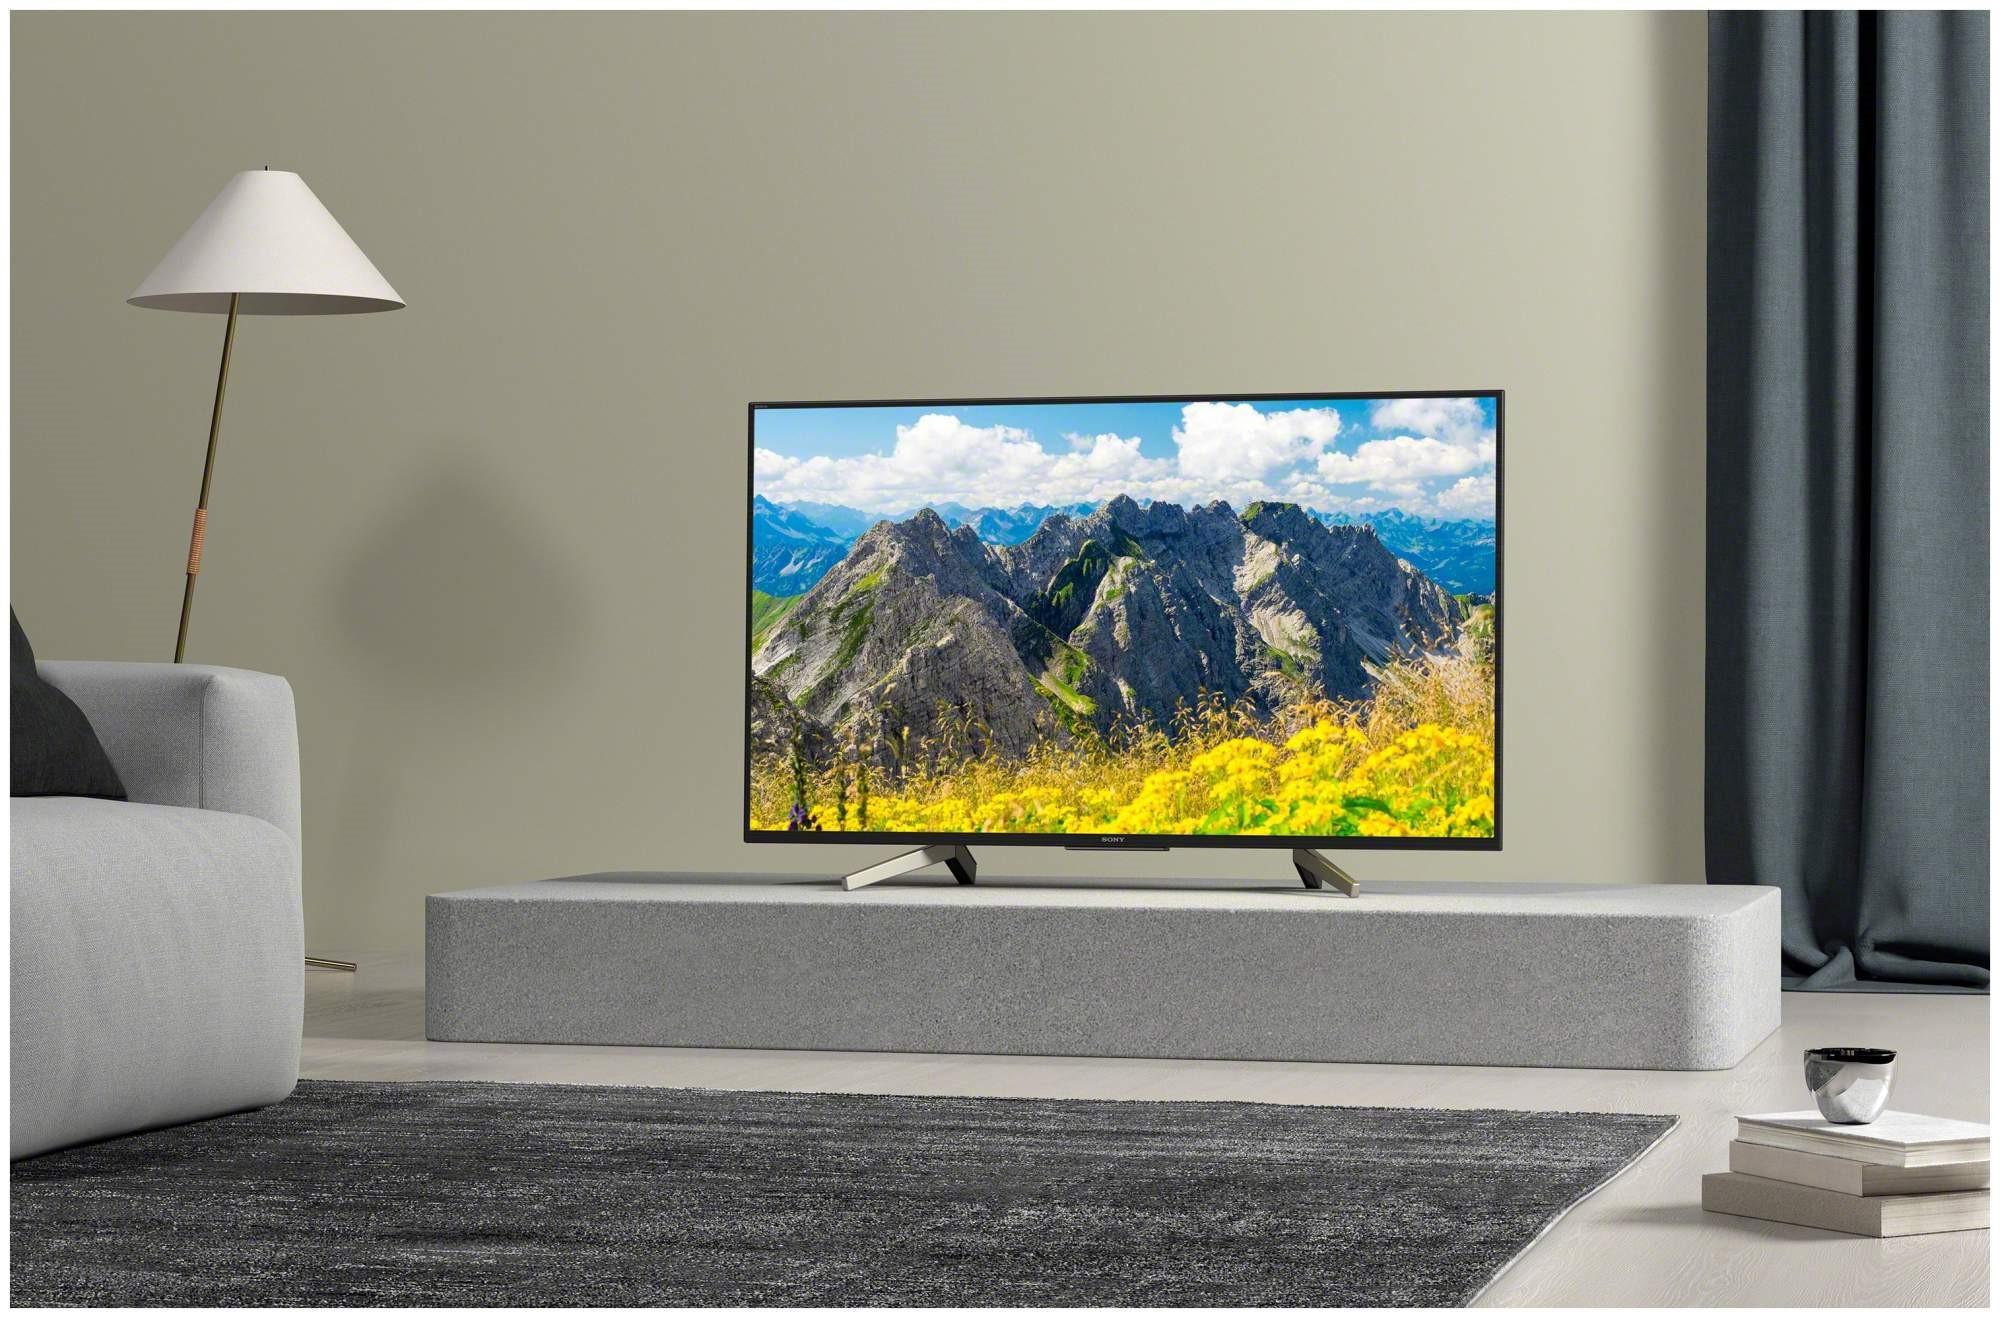 Топ бюджетных телевизоров, которые можно приобрести по низкой цене